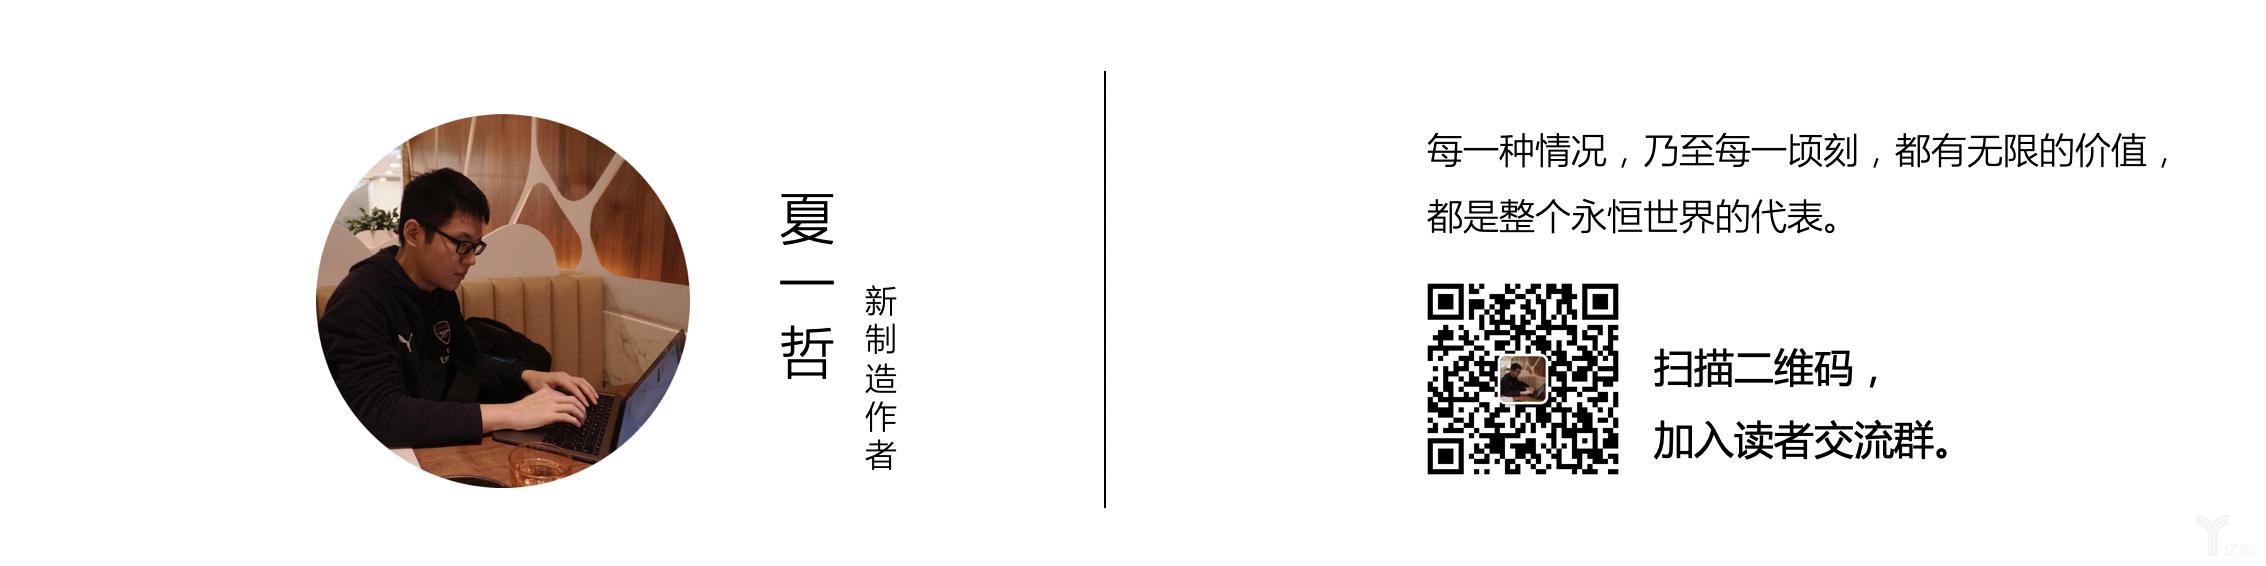 文末微信插图.png